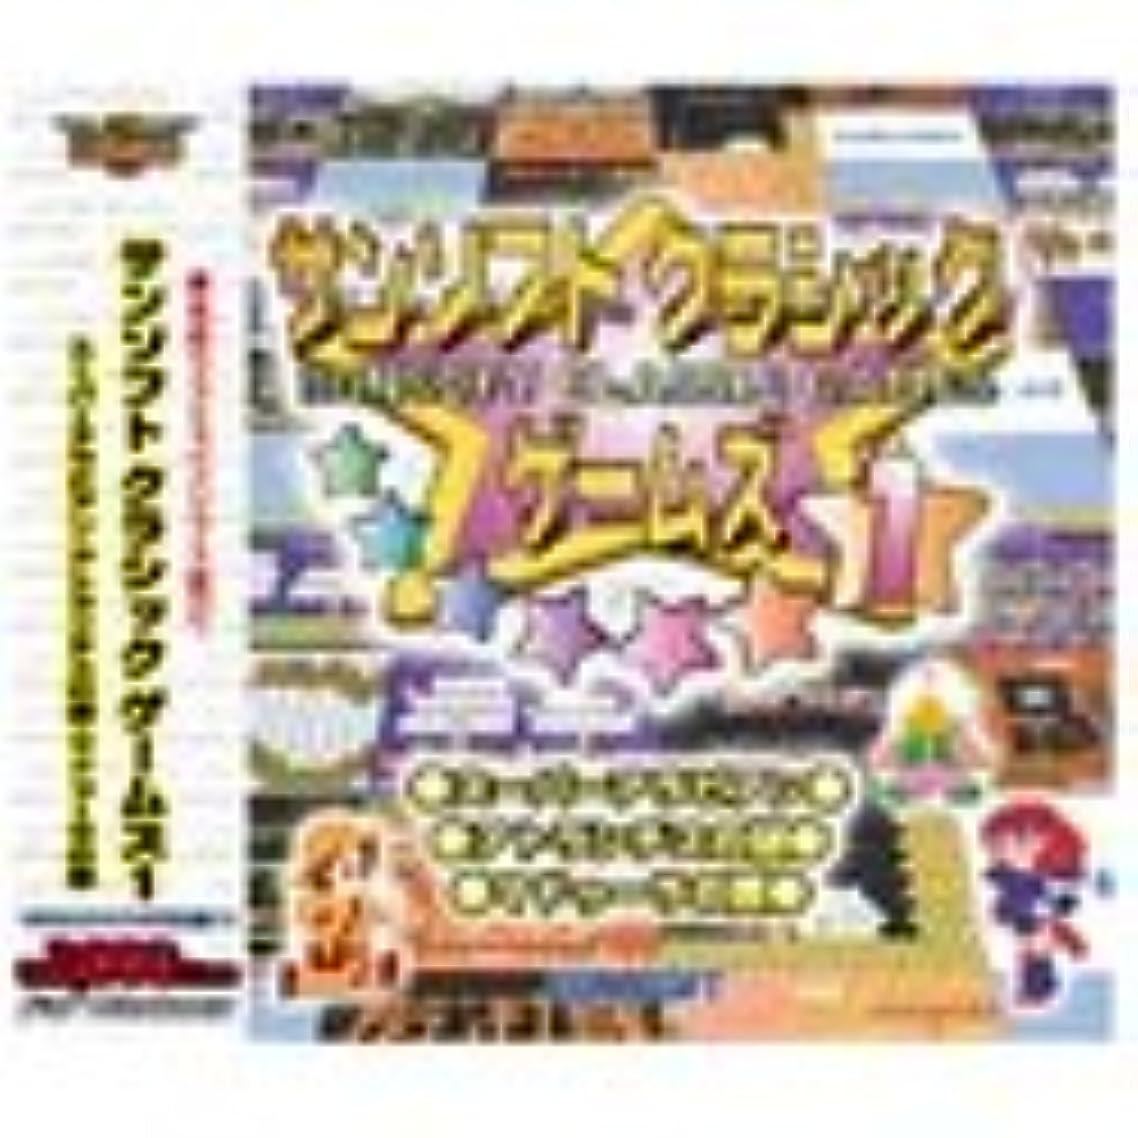 スキャン指令難破船Ultra2000 サンソフト クラシック ゲームズ 1